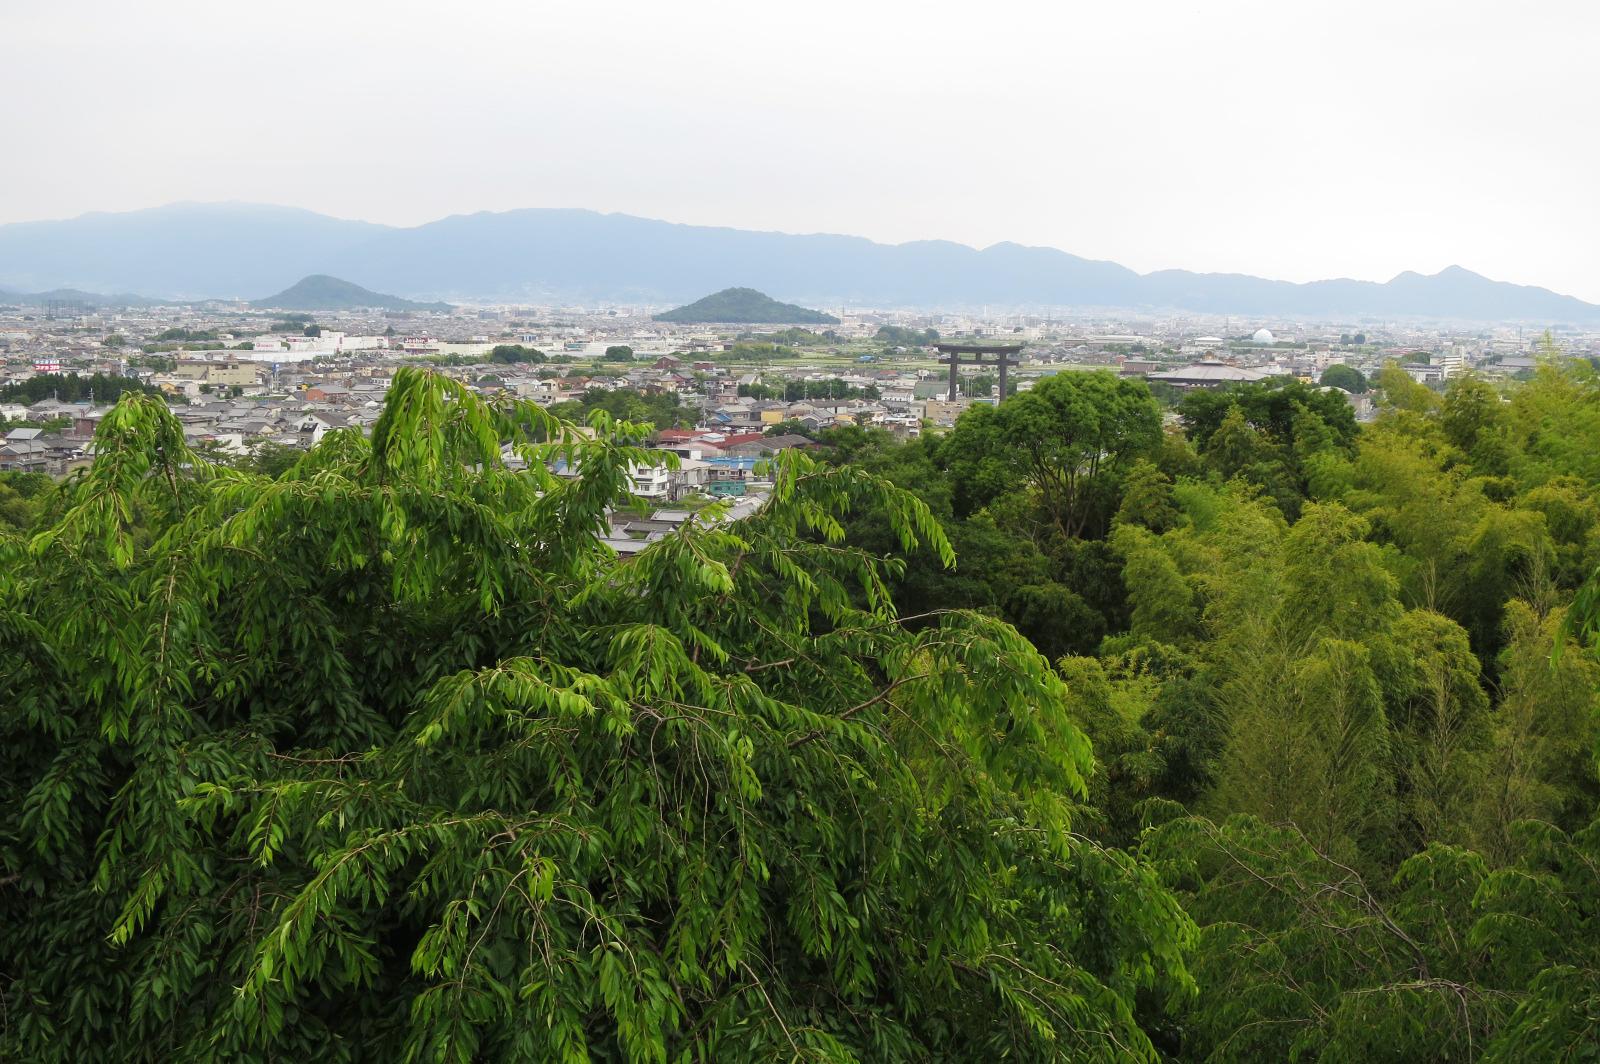 展望台・大美和の杜からの眺望。大鳥居、二上山、大和三山の耳成山、畝傍山、香久山が望めます。